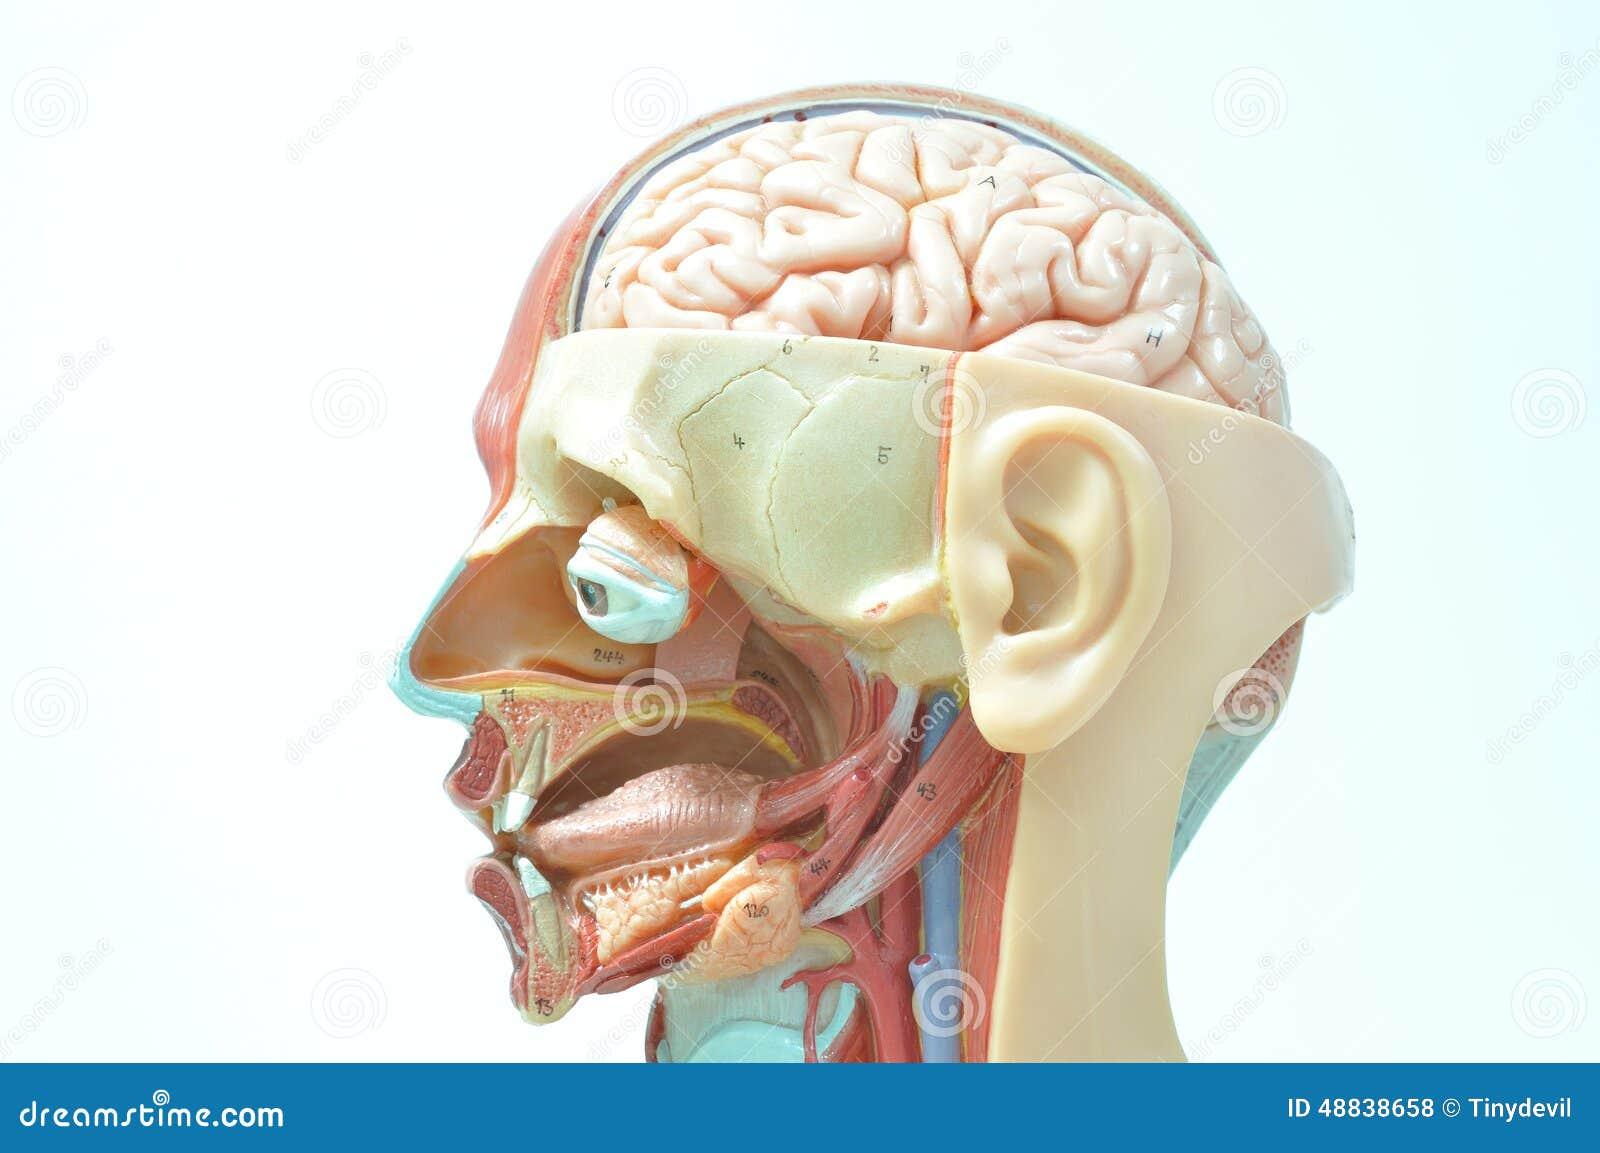 ้face Of Human Anatomy Model Stock Photo - Image of face, head: 48838658